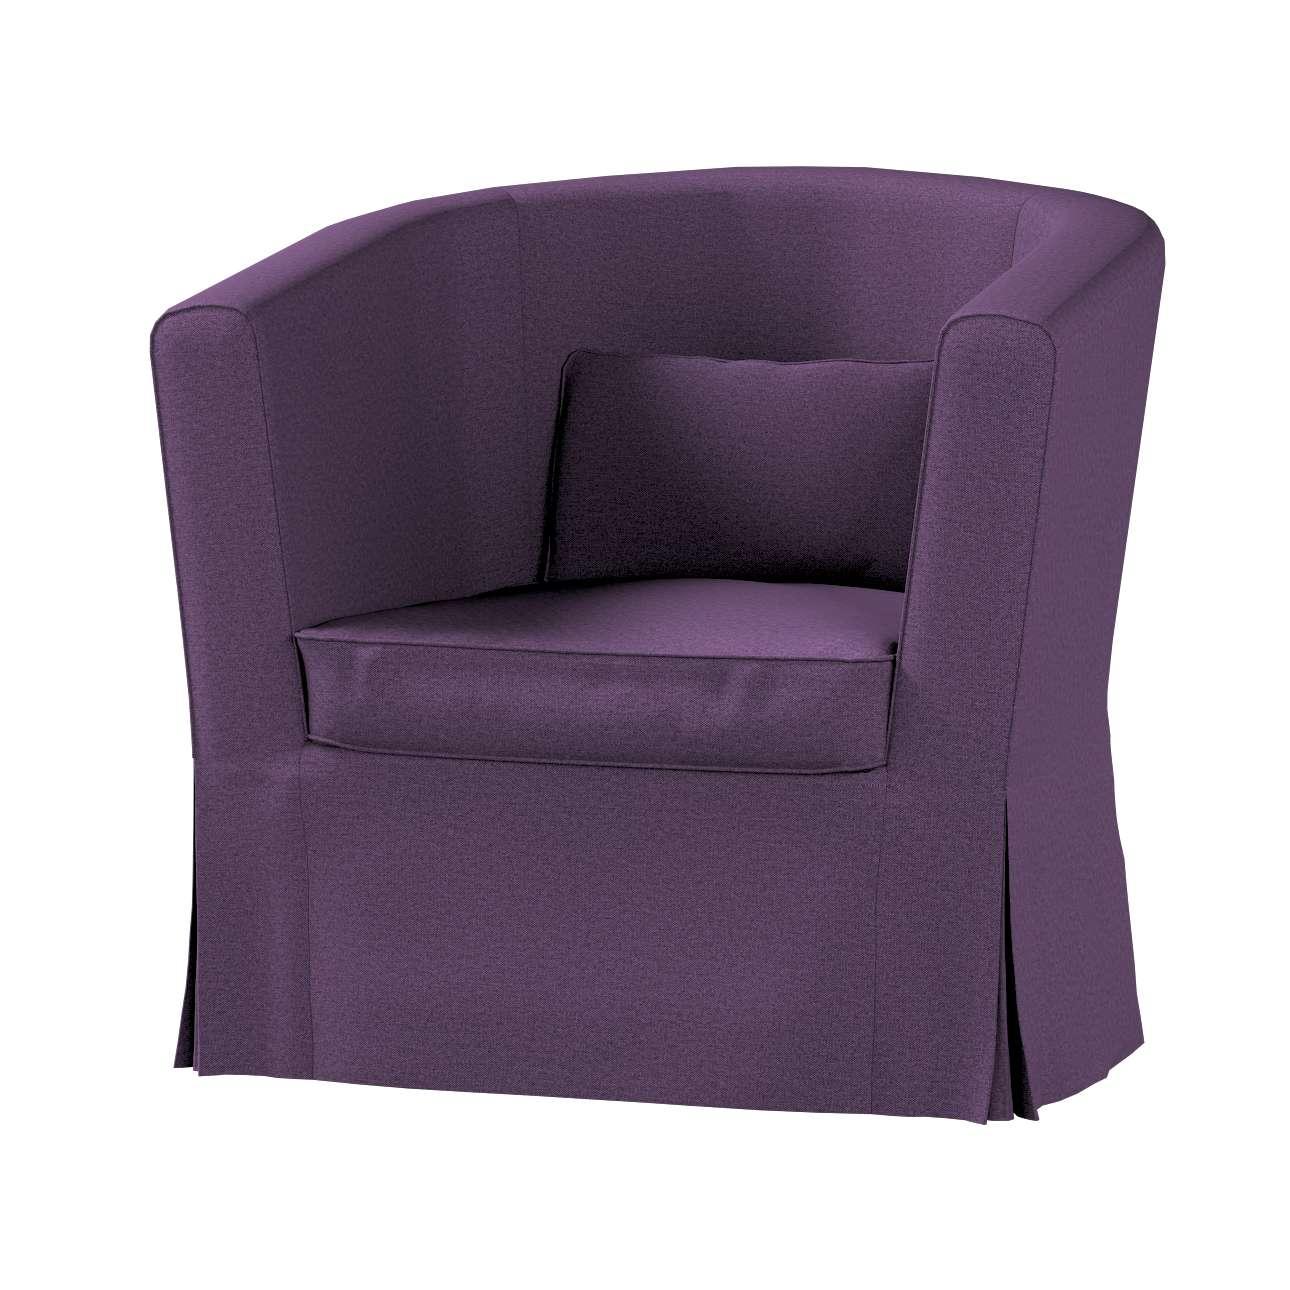 Pokrowiec na fotel Ektorp Tullsta w kolekcji Etna, tkanina: 161-27